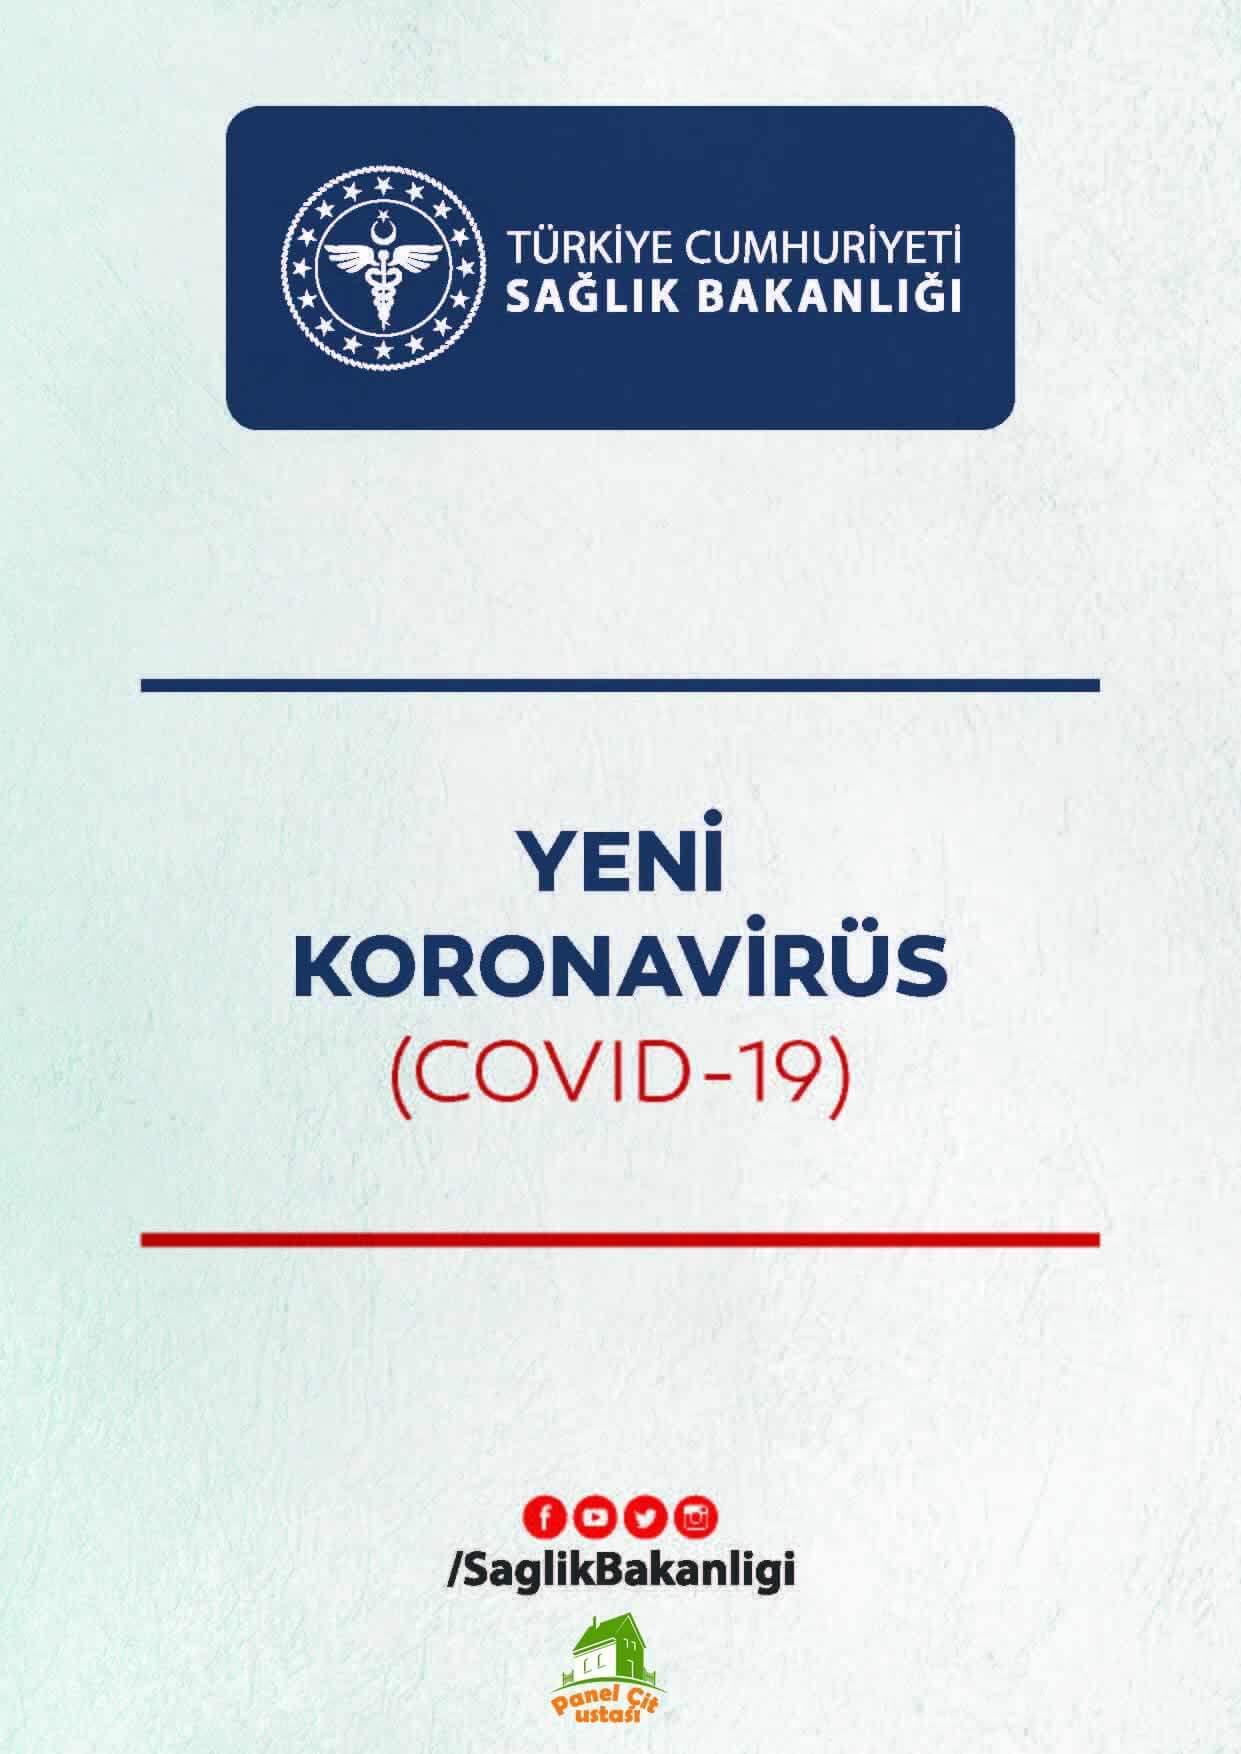 Yeni Koronavirüs(Covid-19)